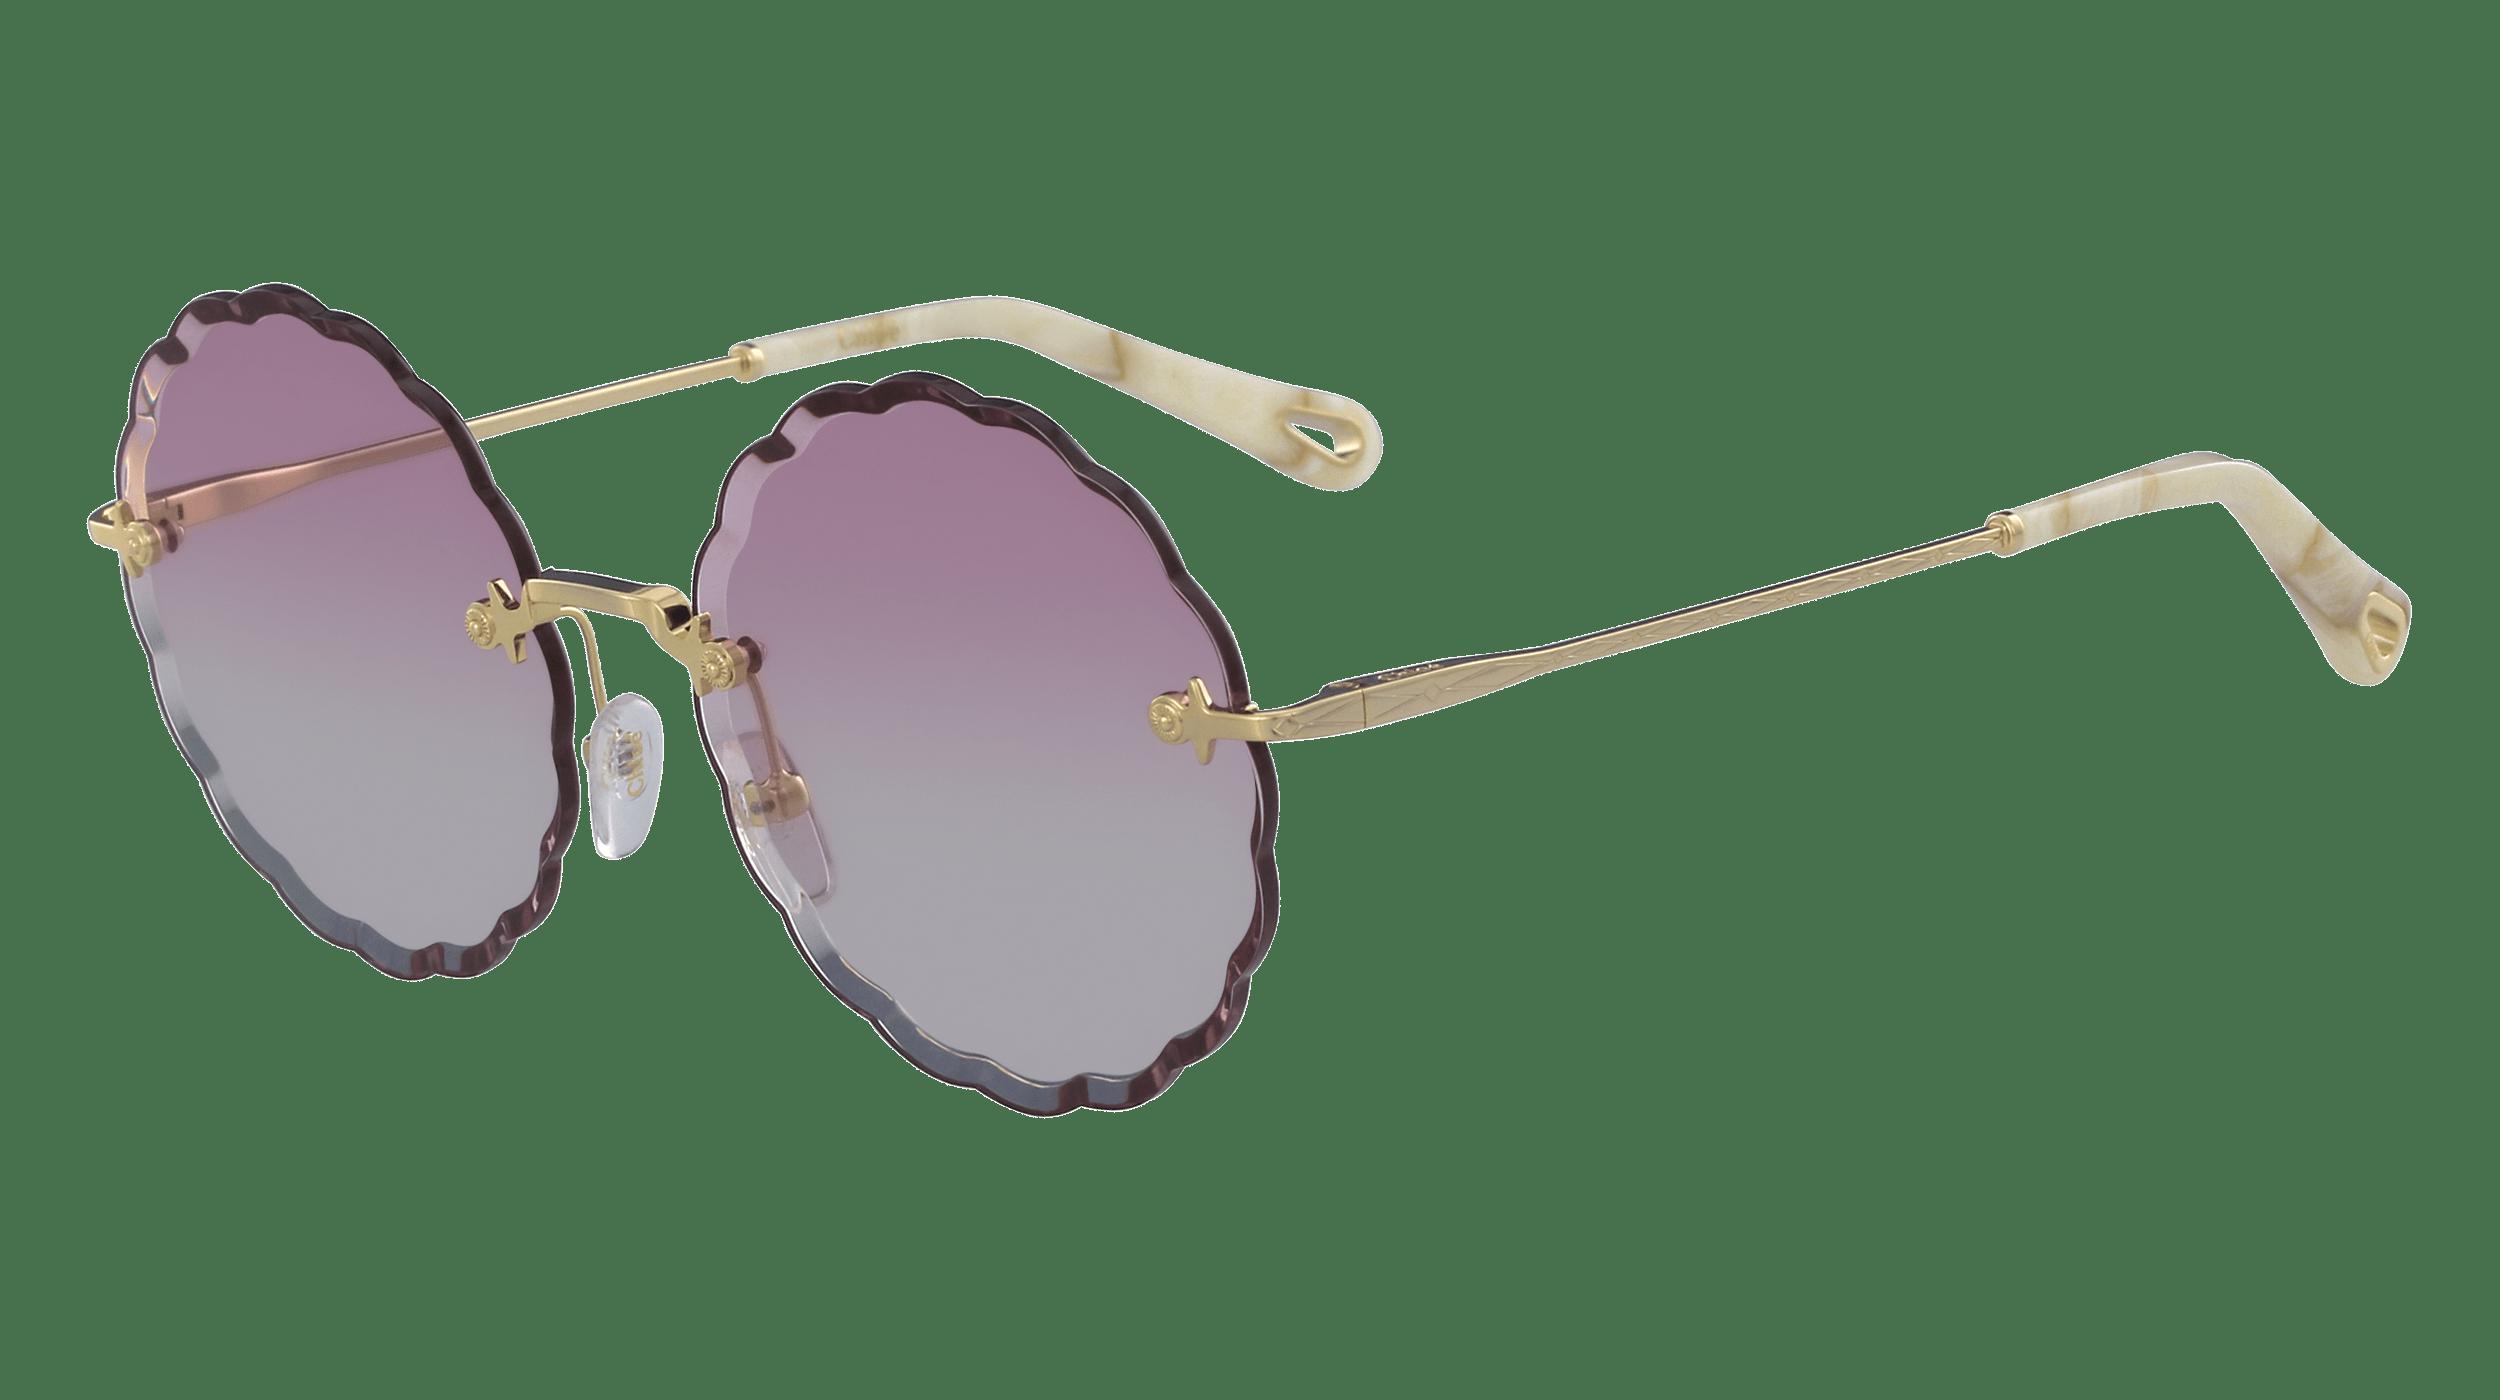 Runde Sonnenbrille von Cloé mit dunklen Applikationen am Rahmen, lila getönten Brillengläsern und goldenen Bügeln.